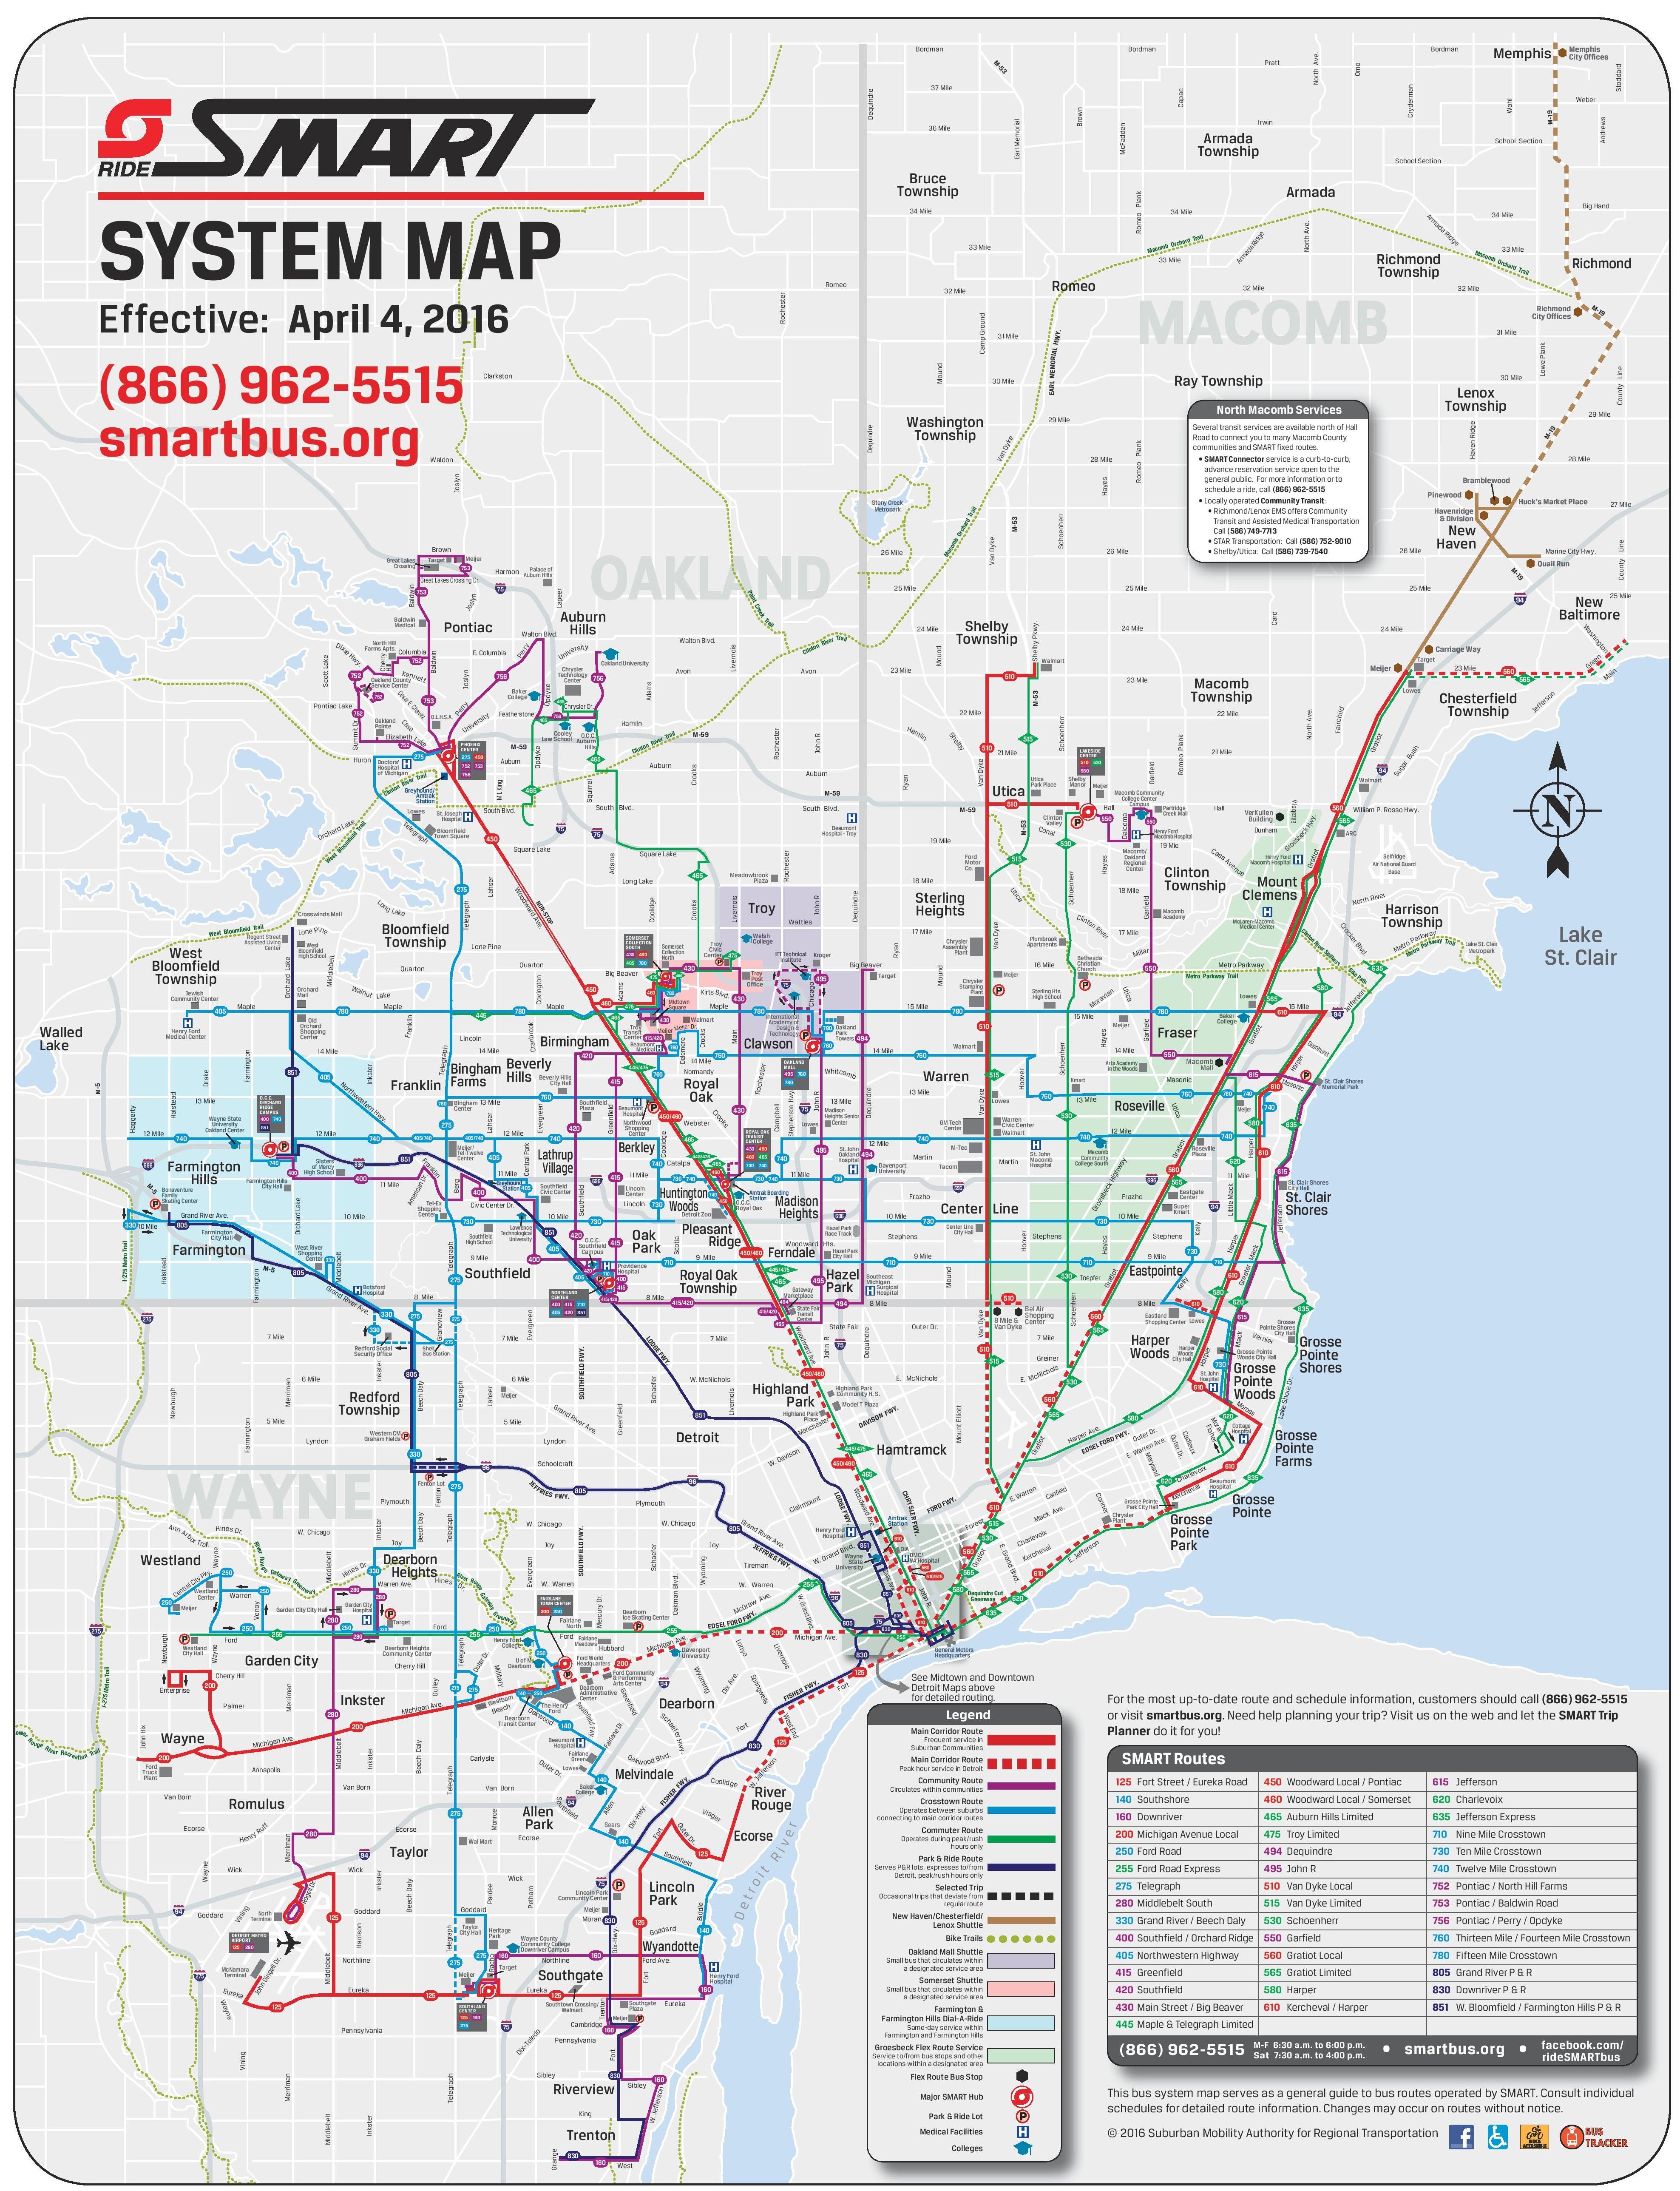 Detroit SMART map